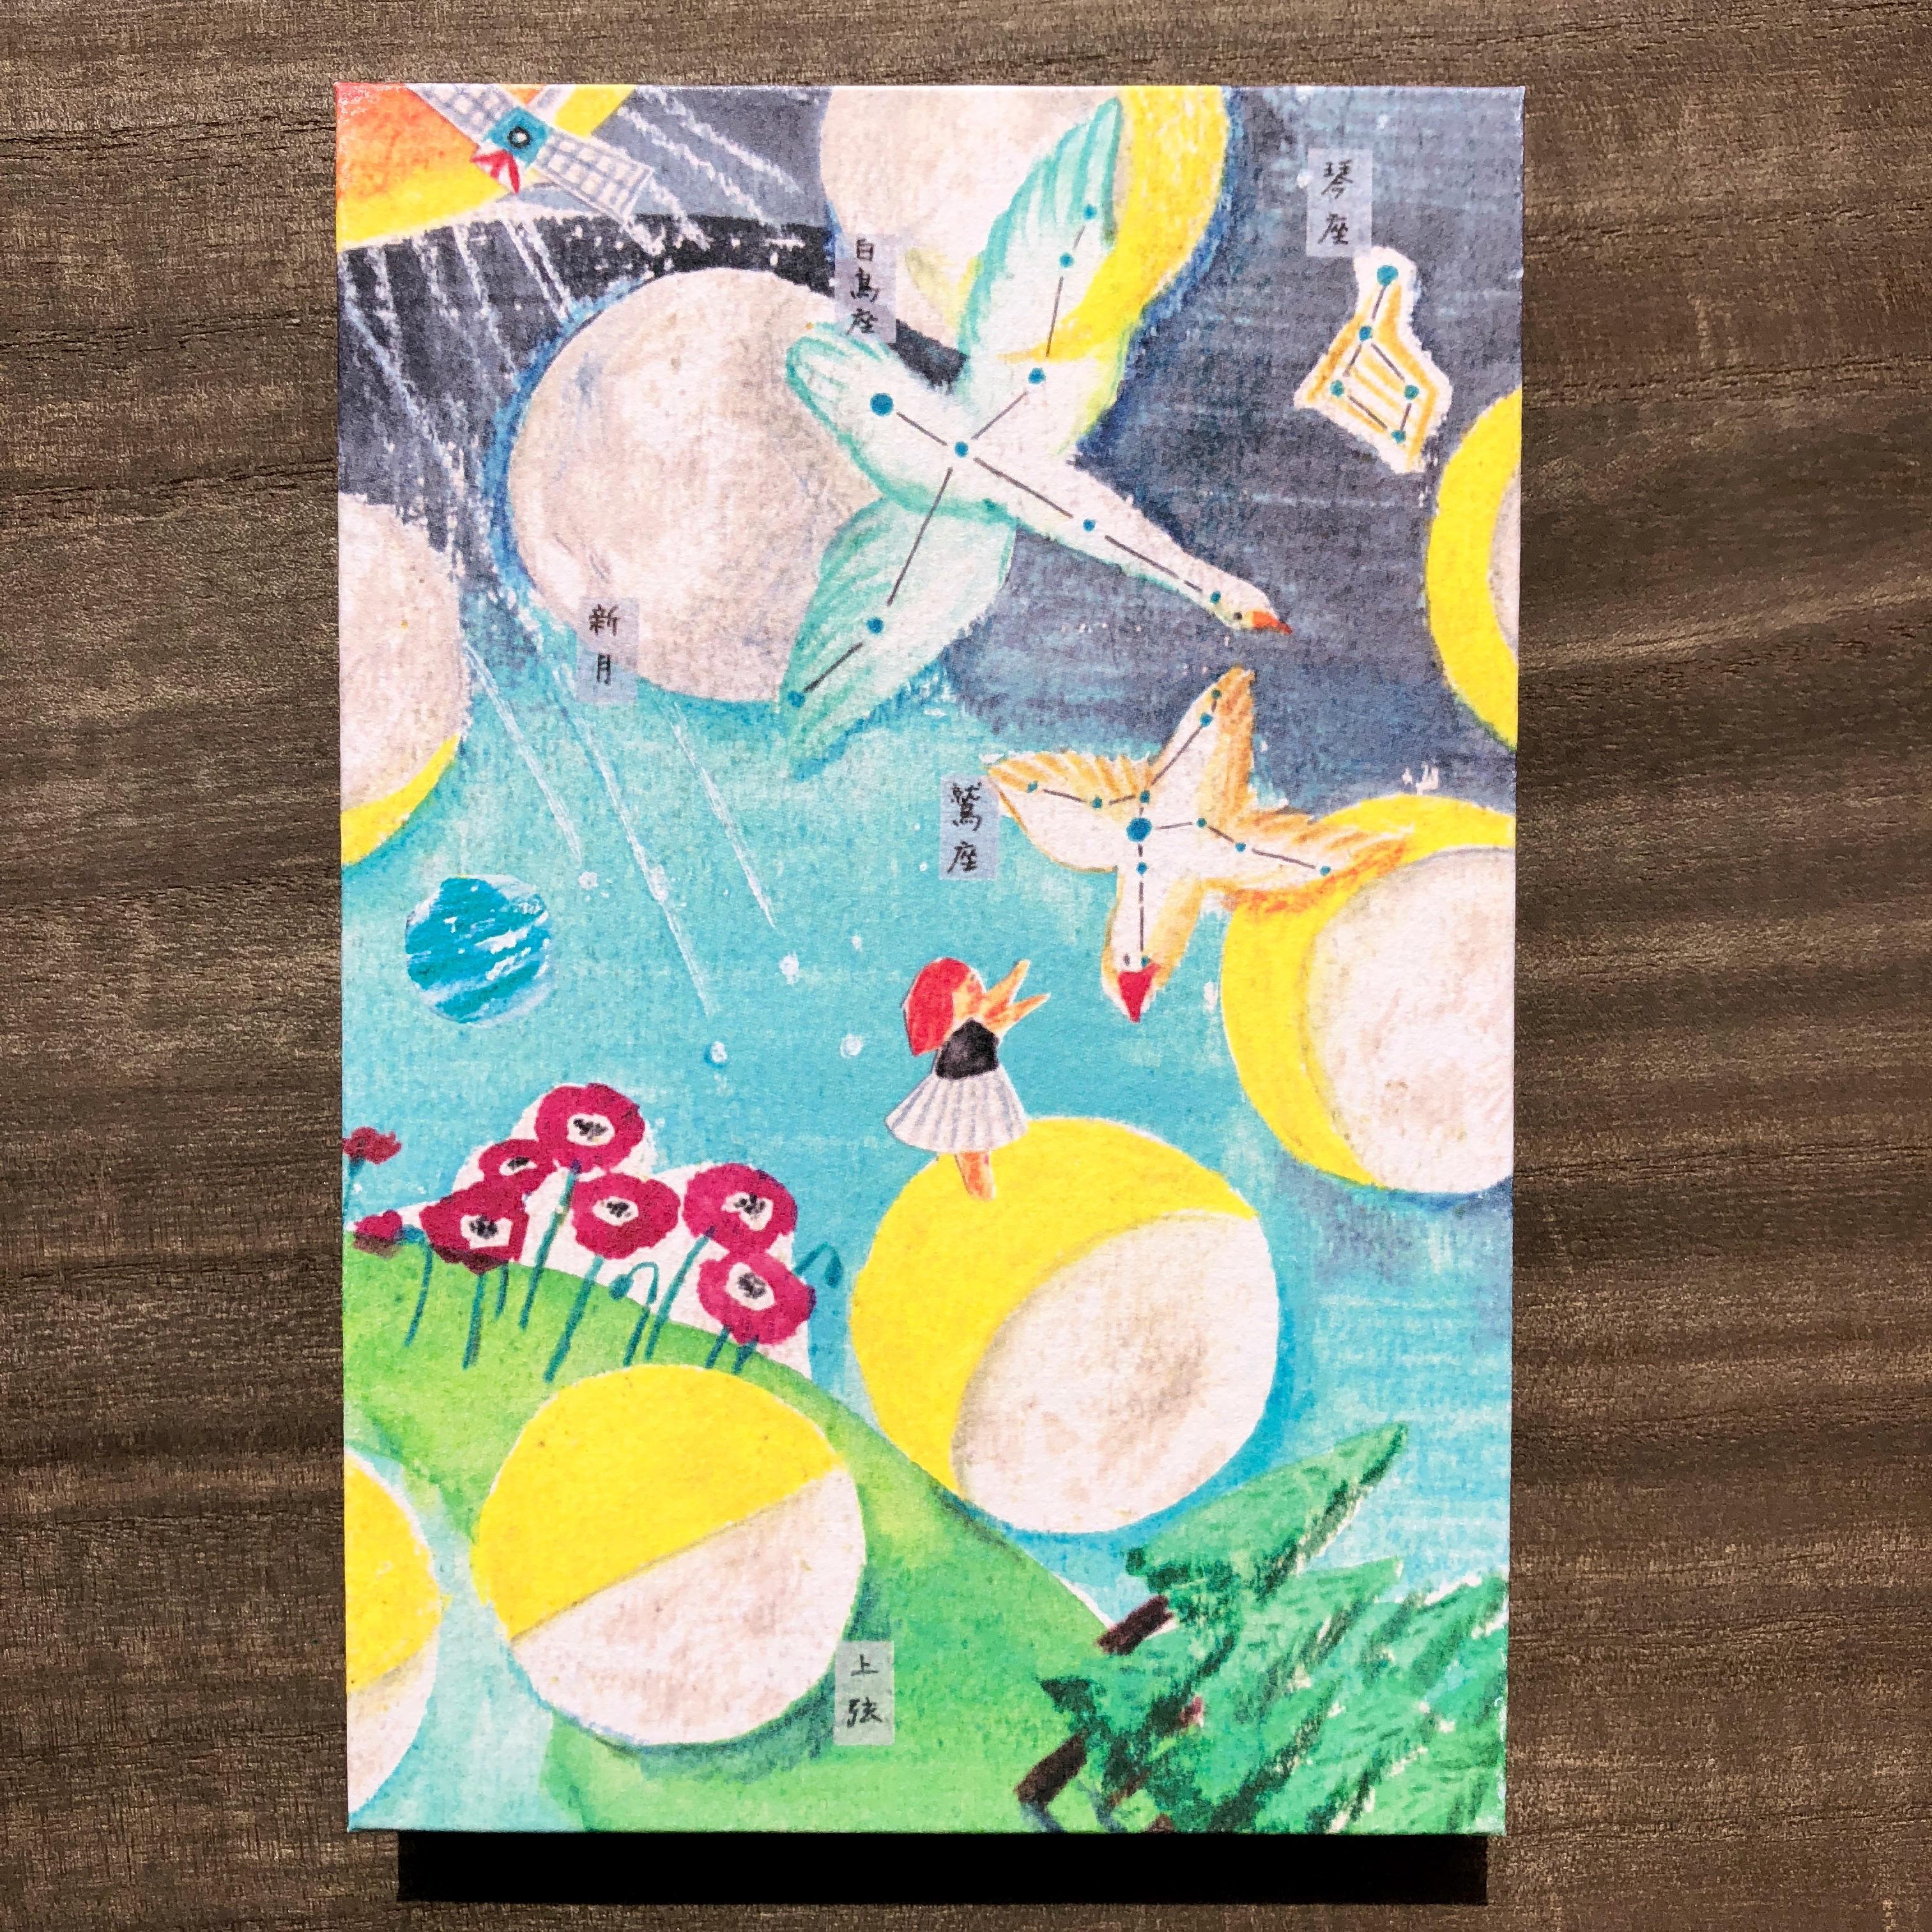 H-1 御朱印帳「風月のダンス」サイズ 縦18.2cm × 横12.2cm  *蛇腹式 片面23頁 (全部で46頁)*表紙は和紙、経年劣化がありますが何卒ご了承ください。¥3,300-(税込)